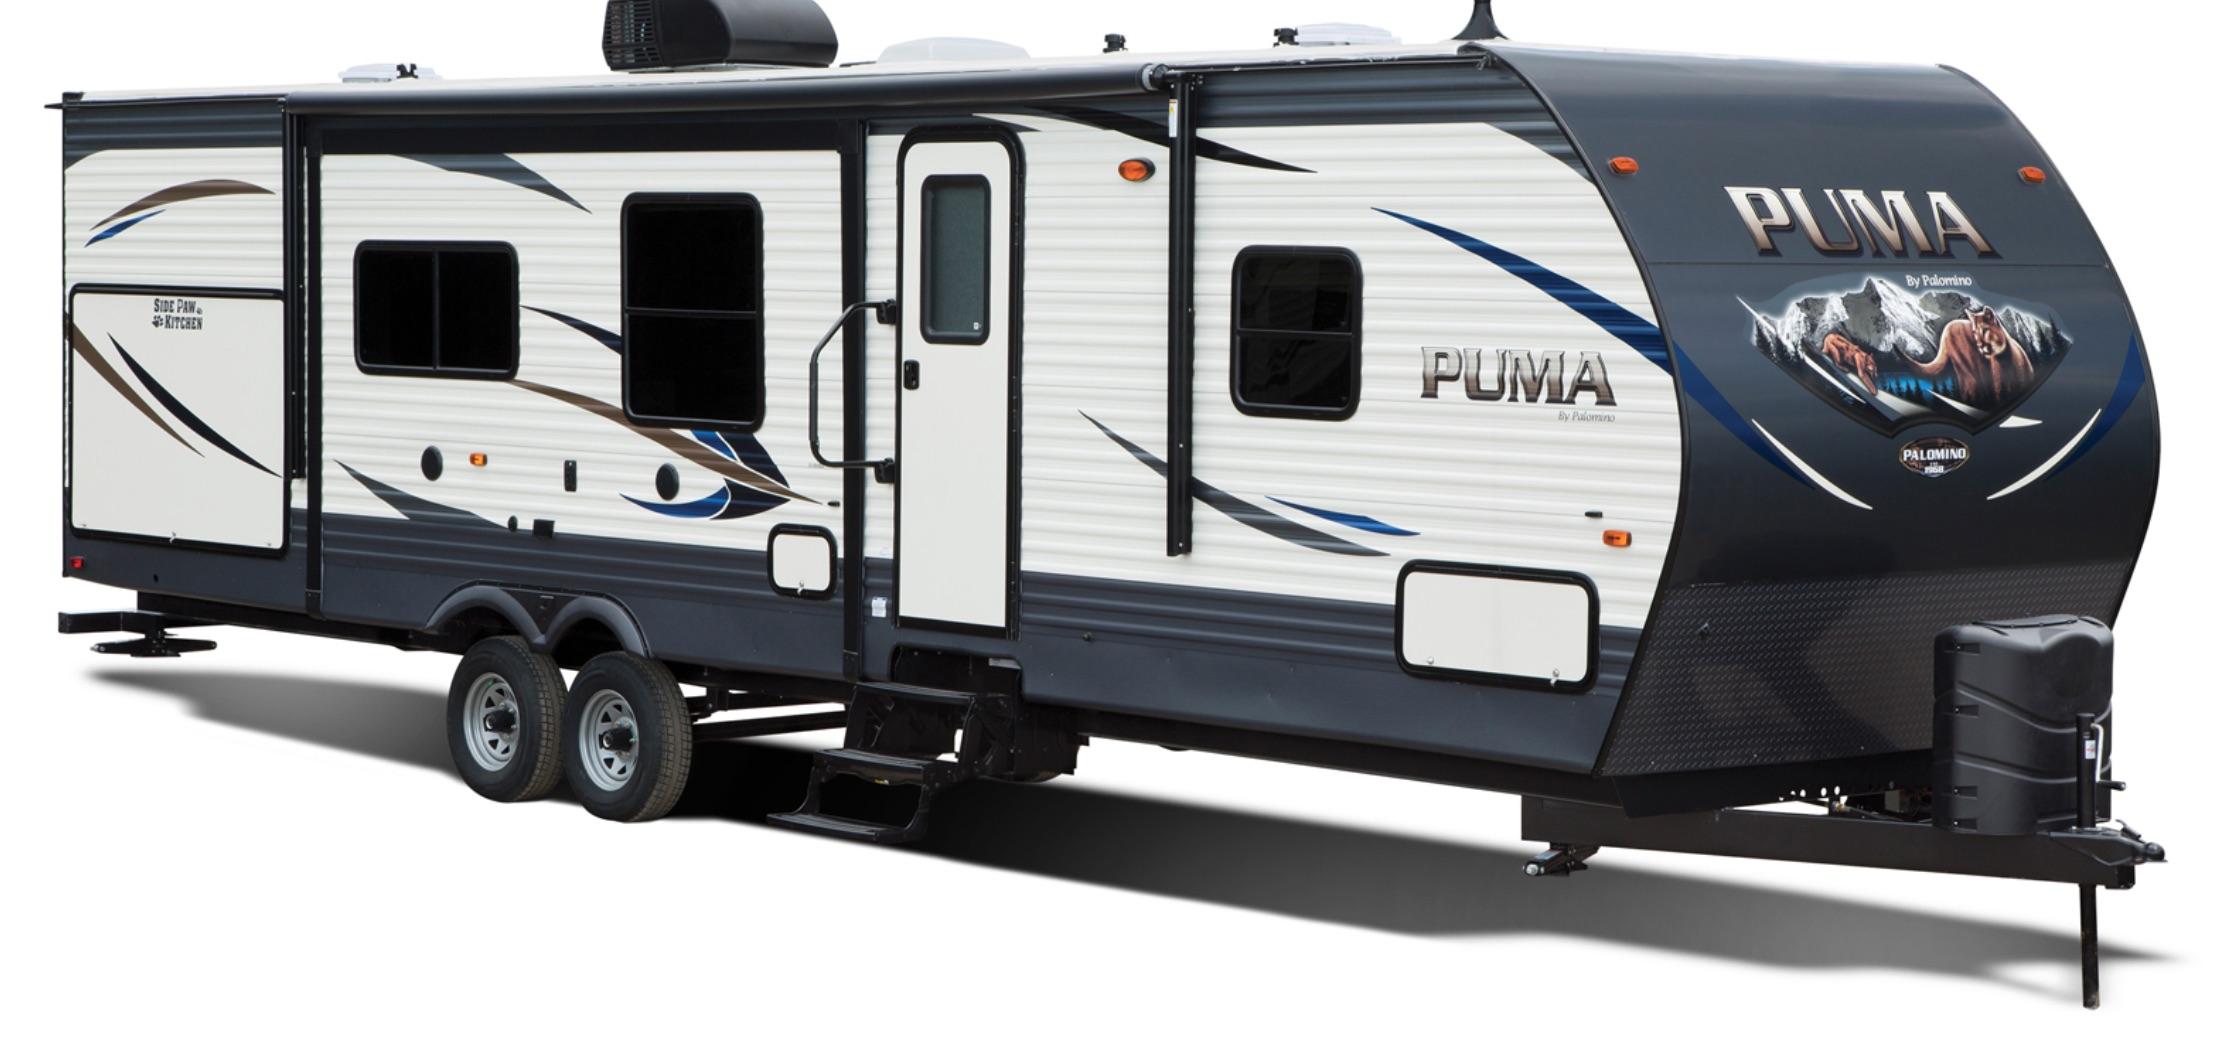 2018 Palomino Puma Travel Trailer Review